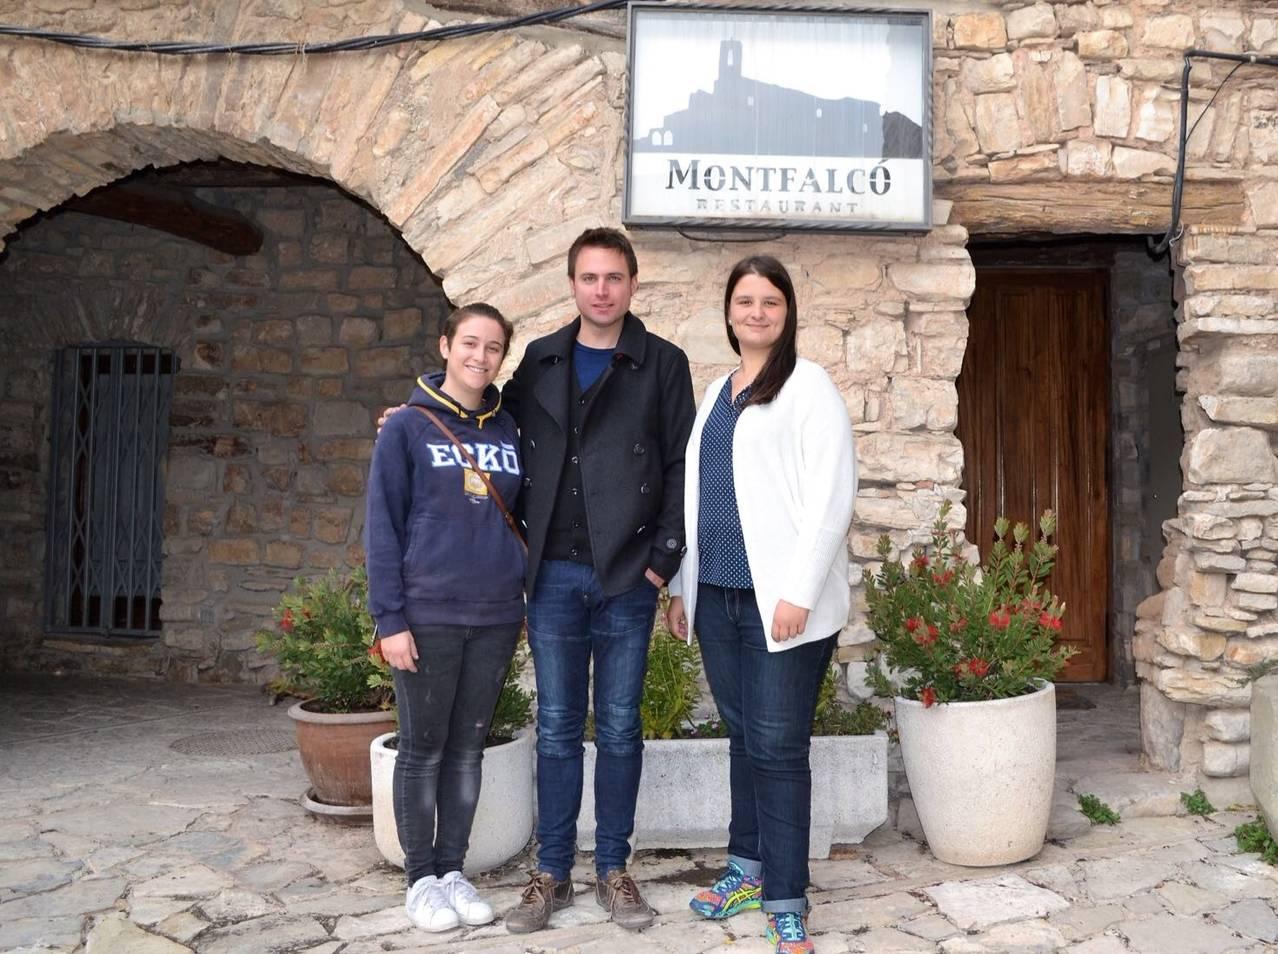 El conseller comarcal de turisme, Sr. Vicenç Roig, visita el restaurant de Montfalcó Murallat en vigílies de la seva reobertura